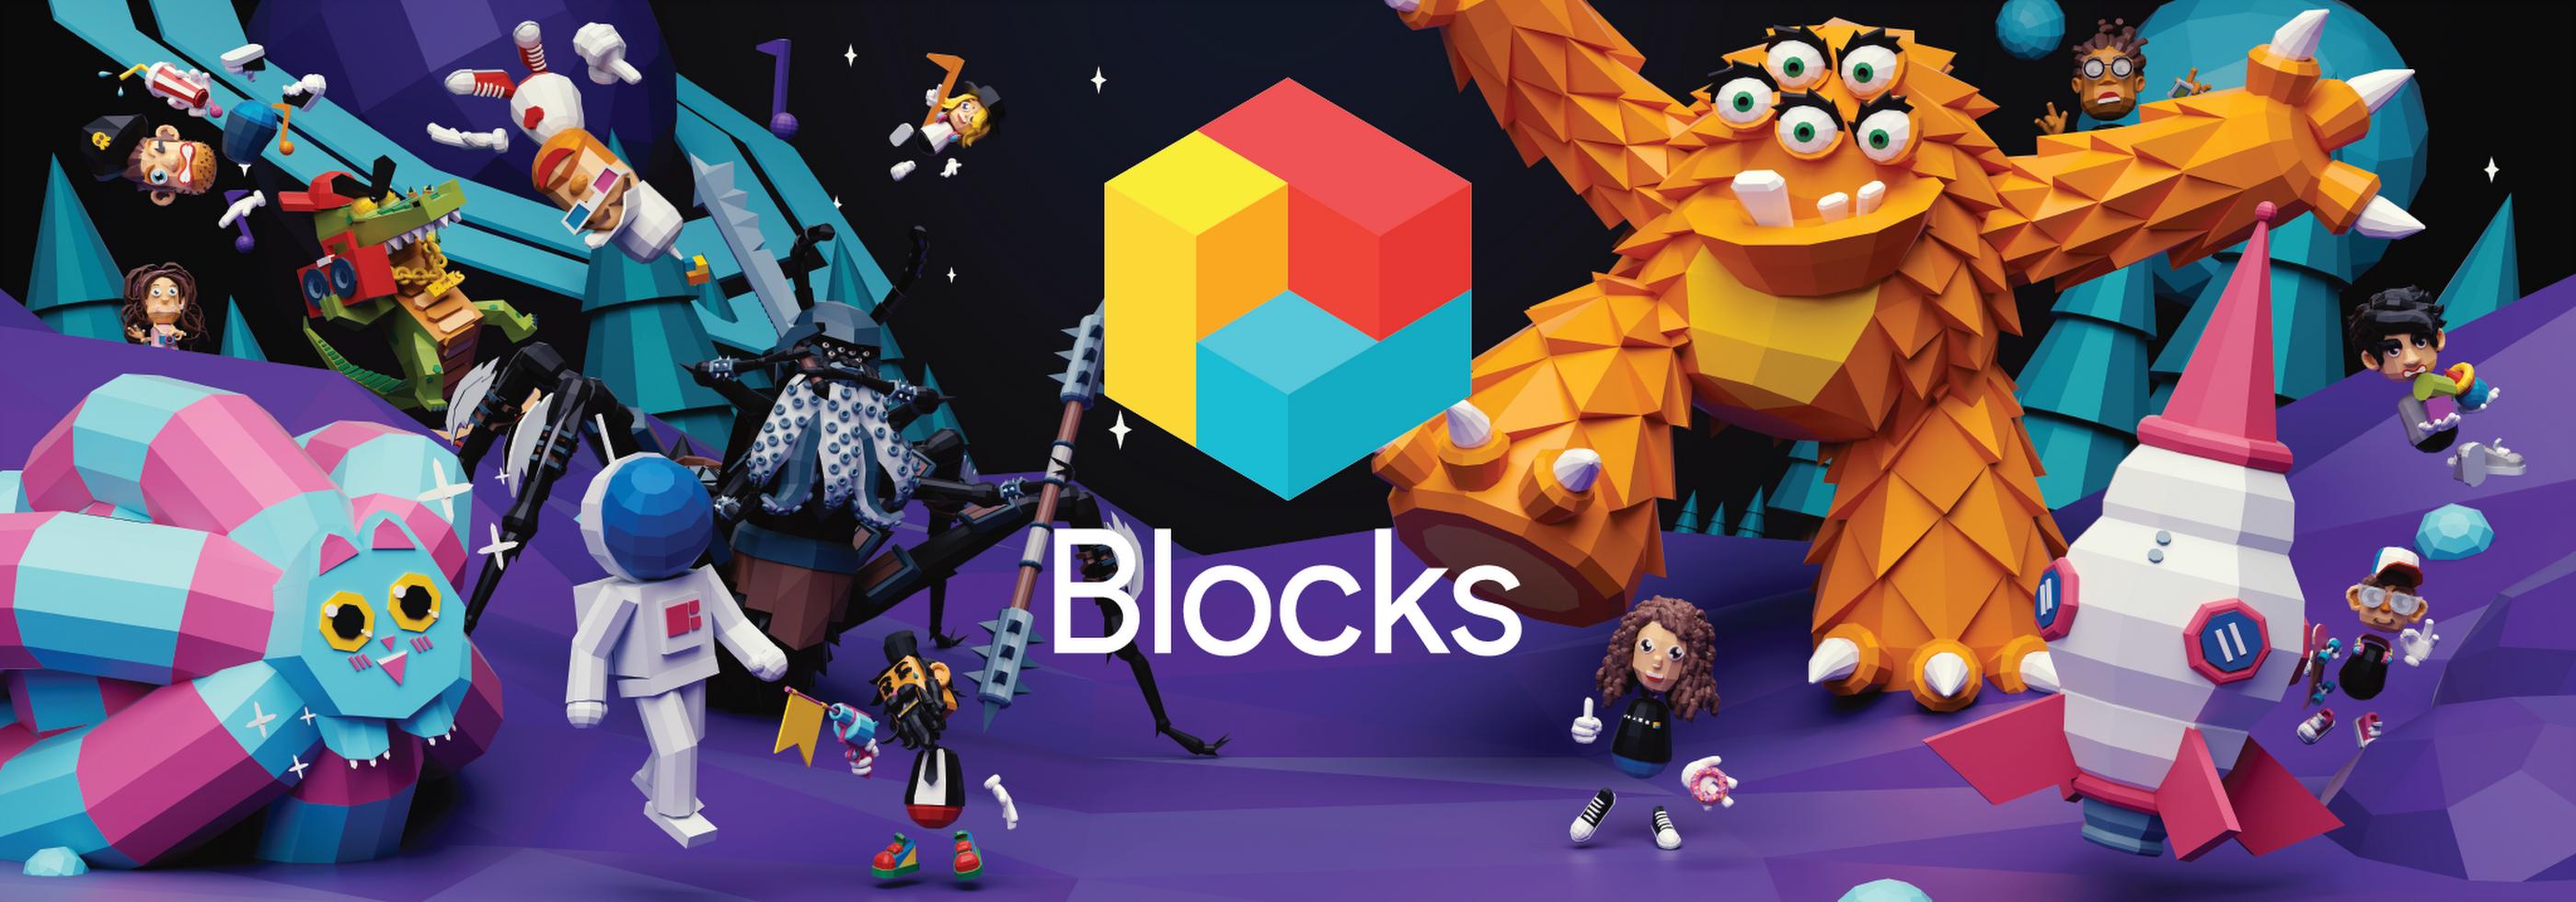 Blocks-Hero.png